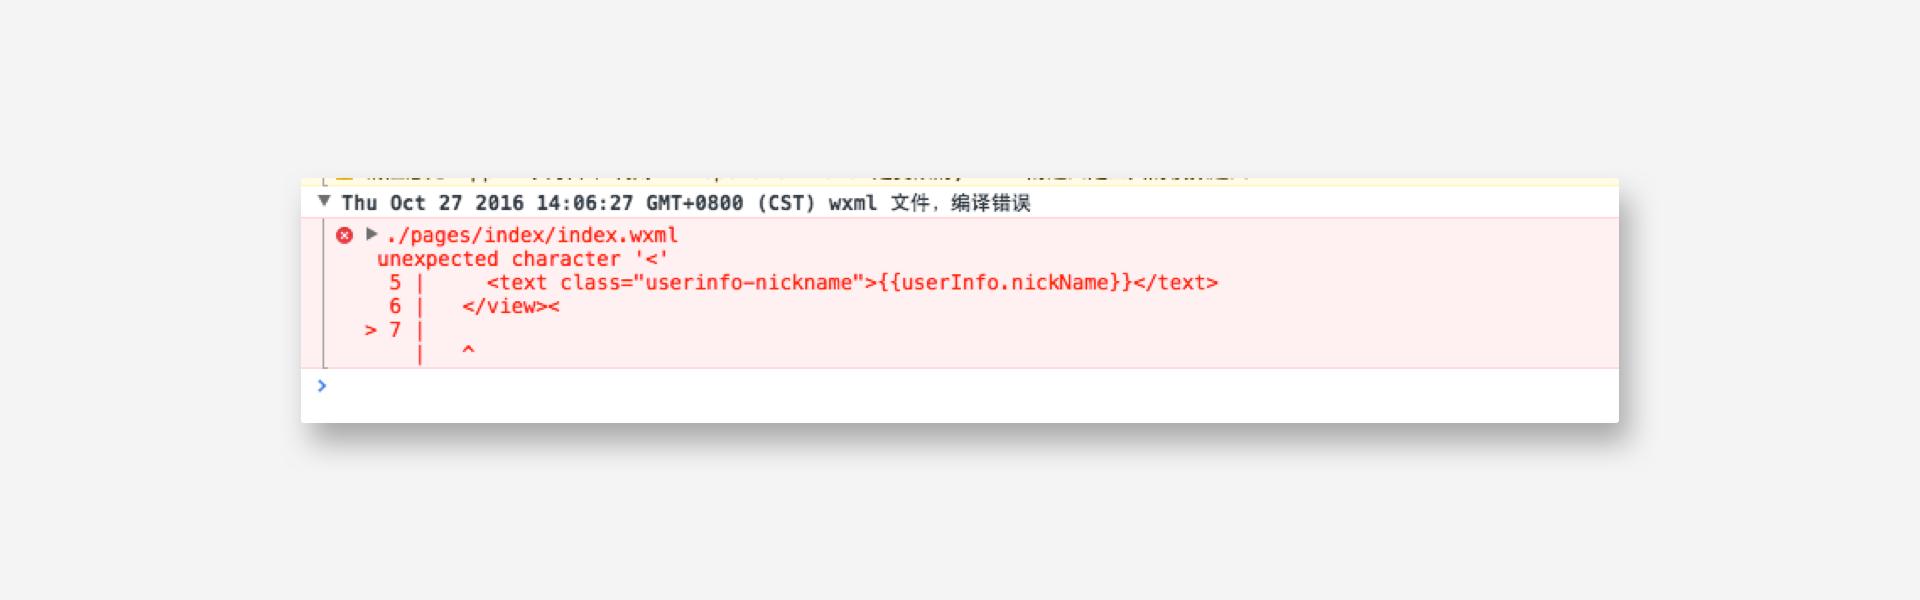 小程序错误输出